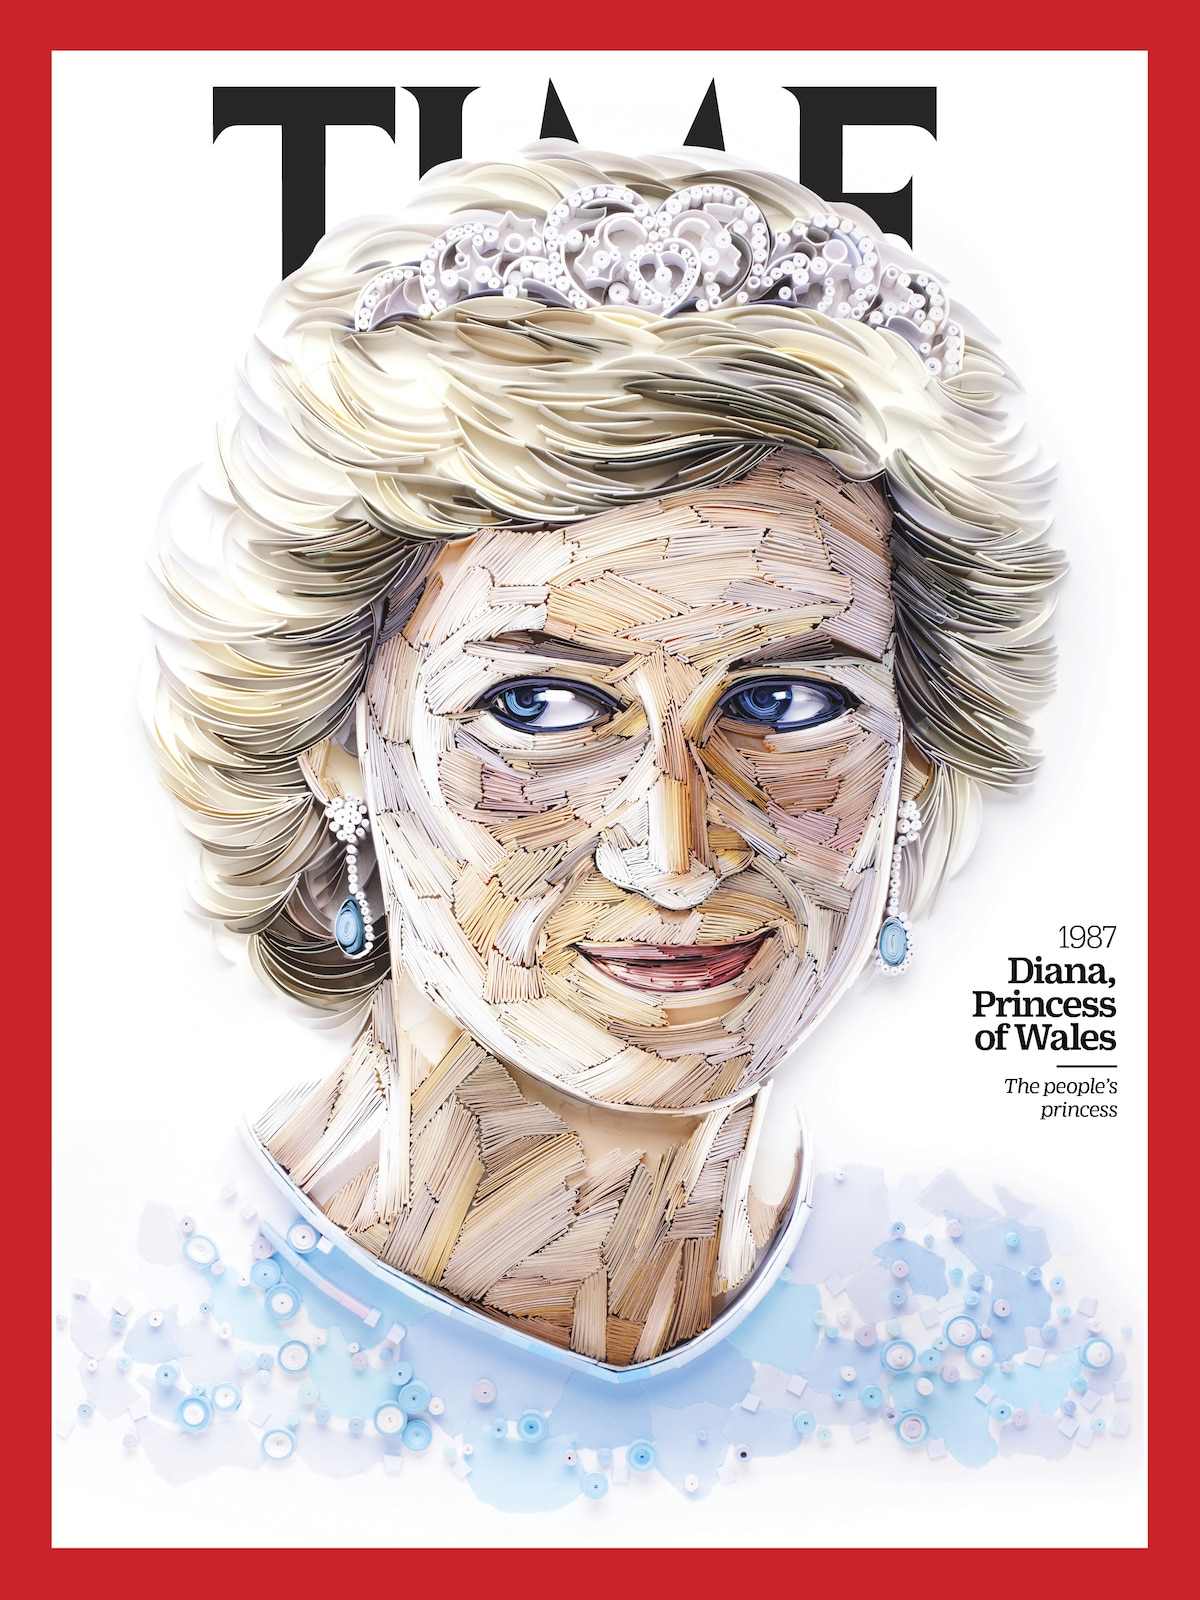 Portada del TIME de la princesa Diana